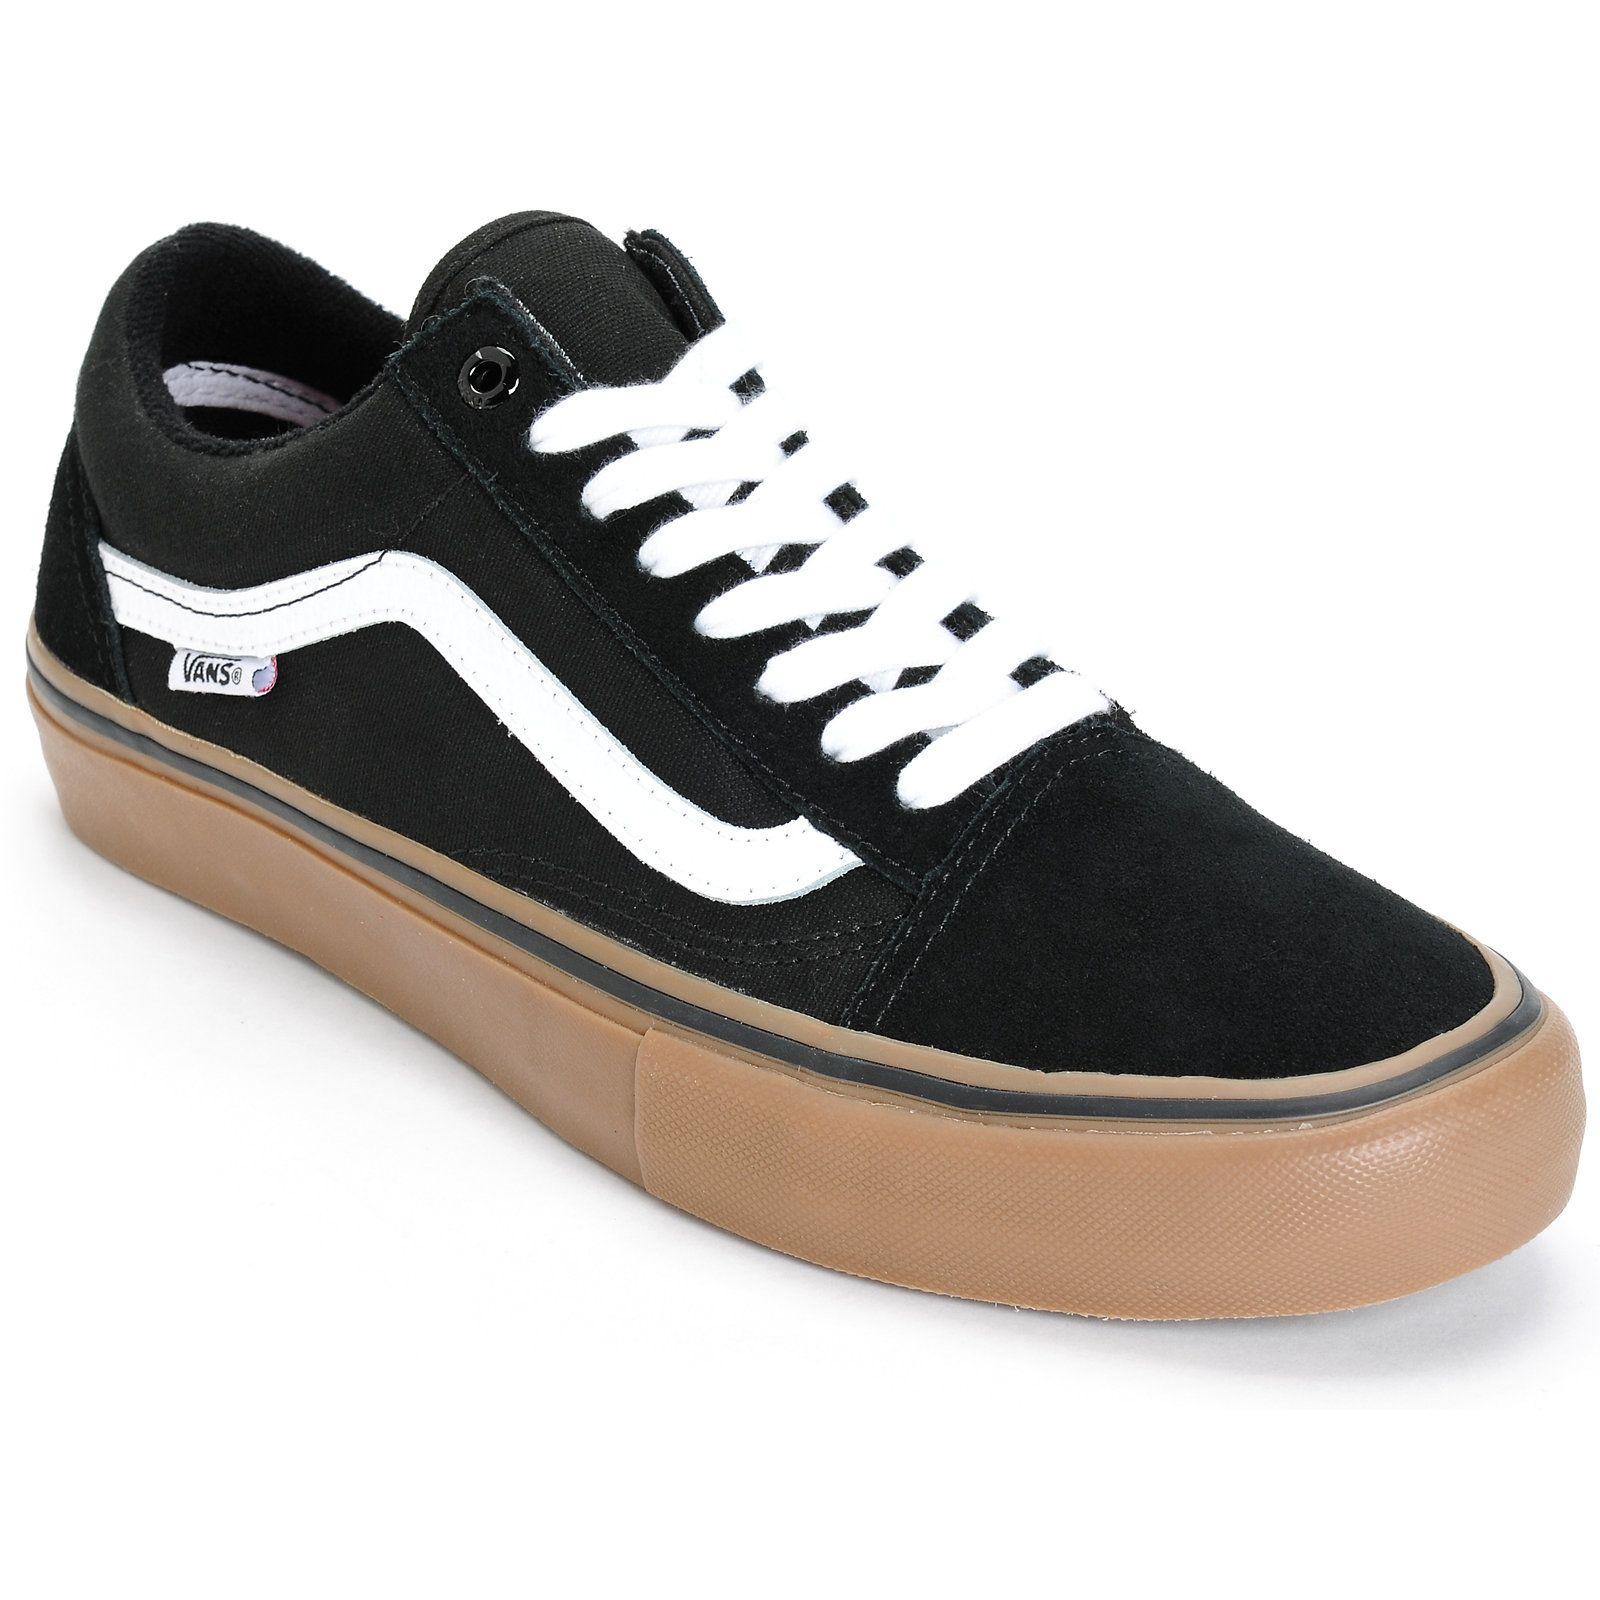 Vieux Skool - Chaussures De Sport Pour Hommes / Camionnettes Marron AdTz9JO4k